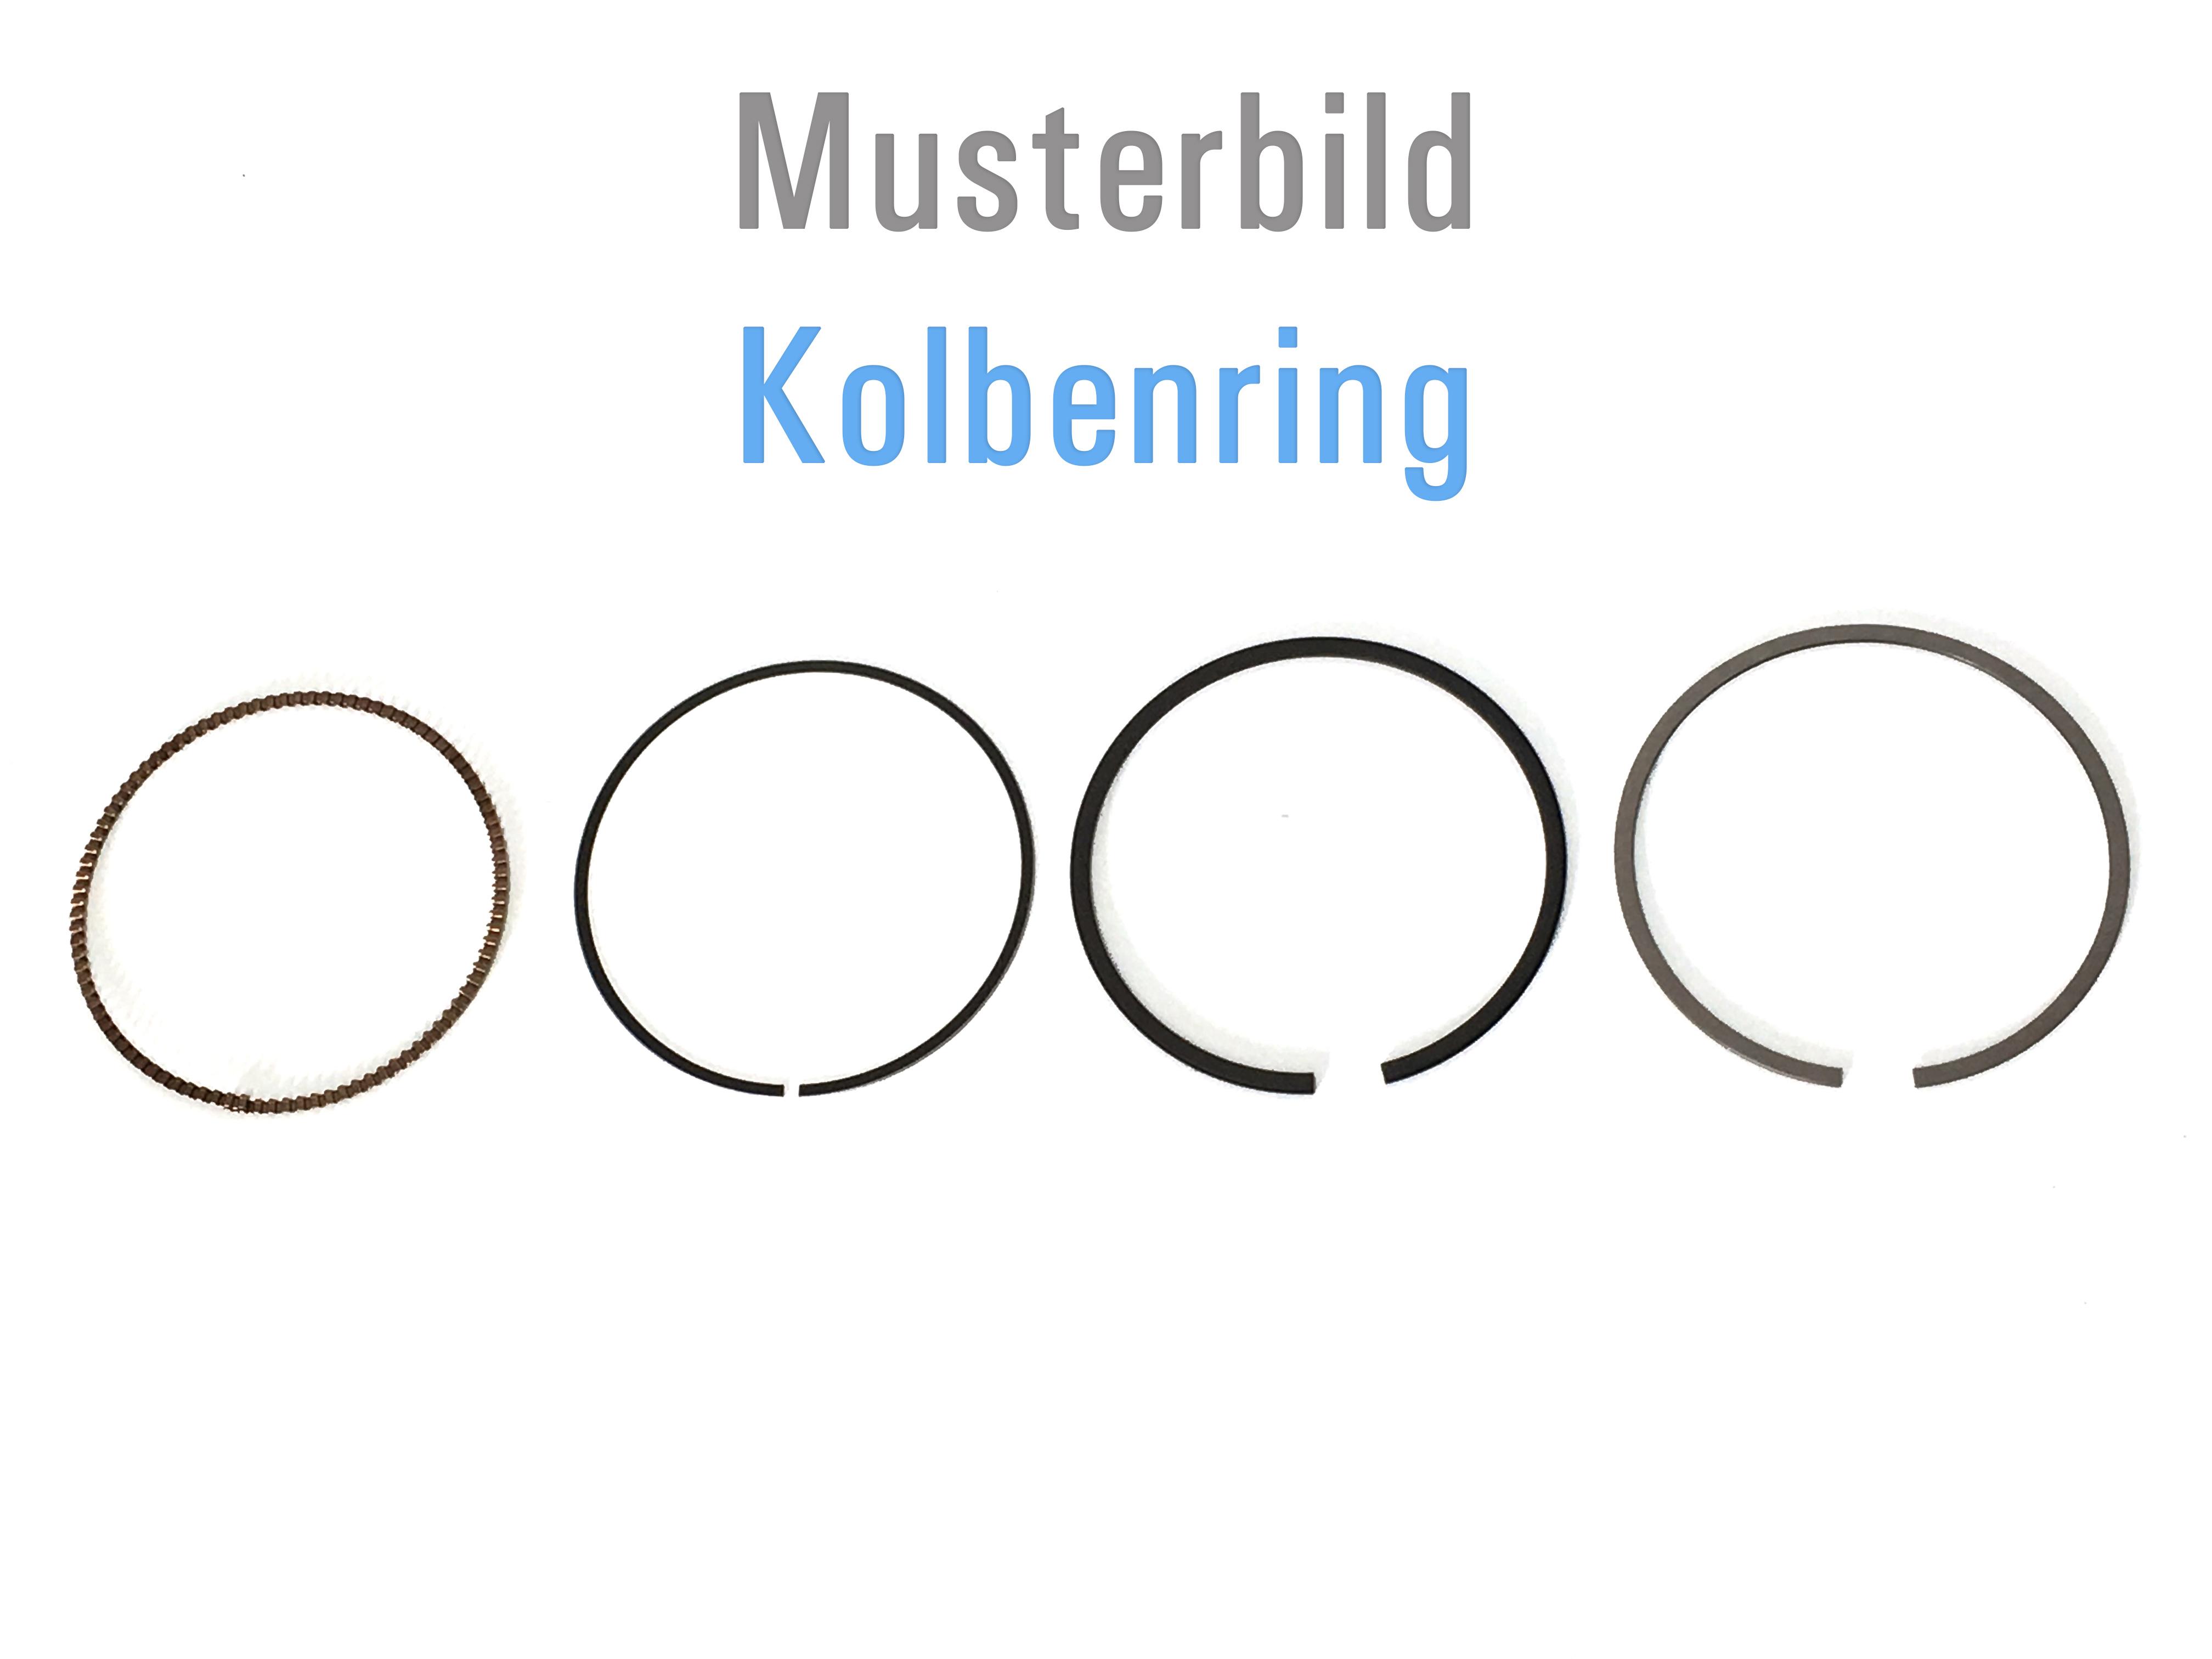 1x Kolbenring 71,9mm Ford B-Max JK 1,0 EcoBoost M1CA M1CB 8921750000 NEU